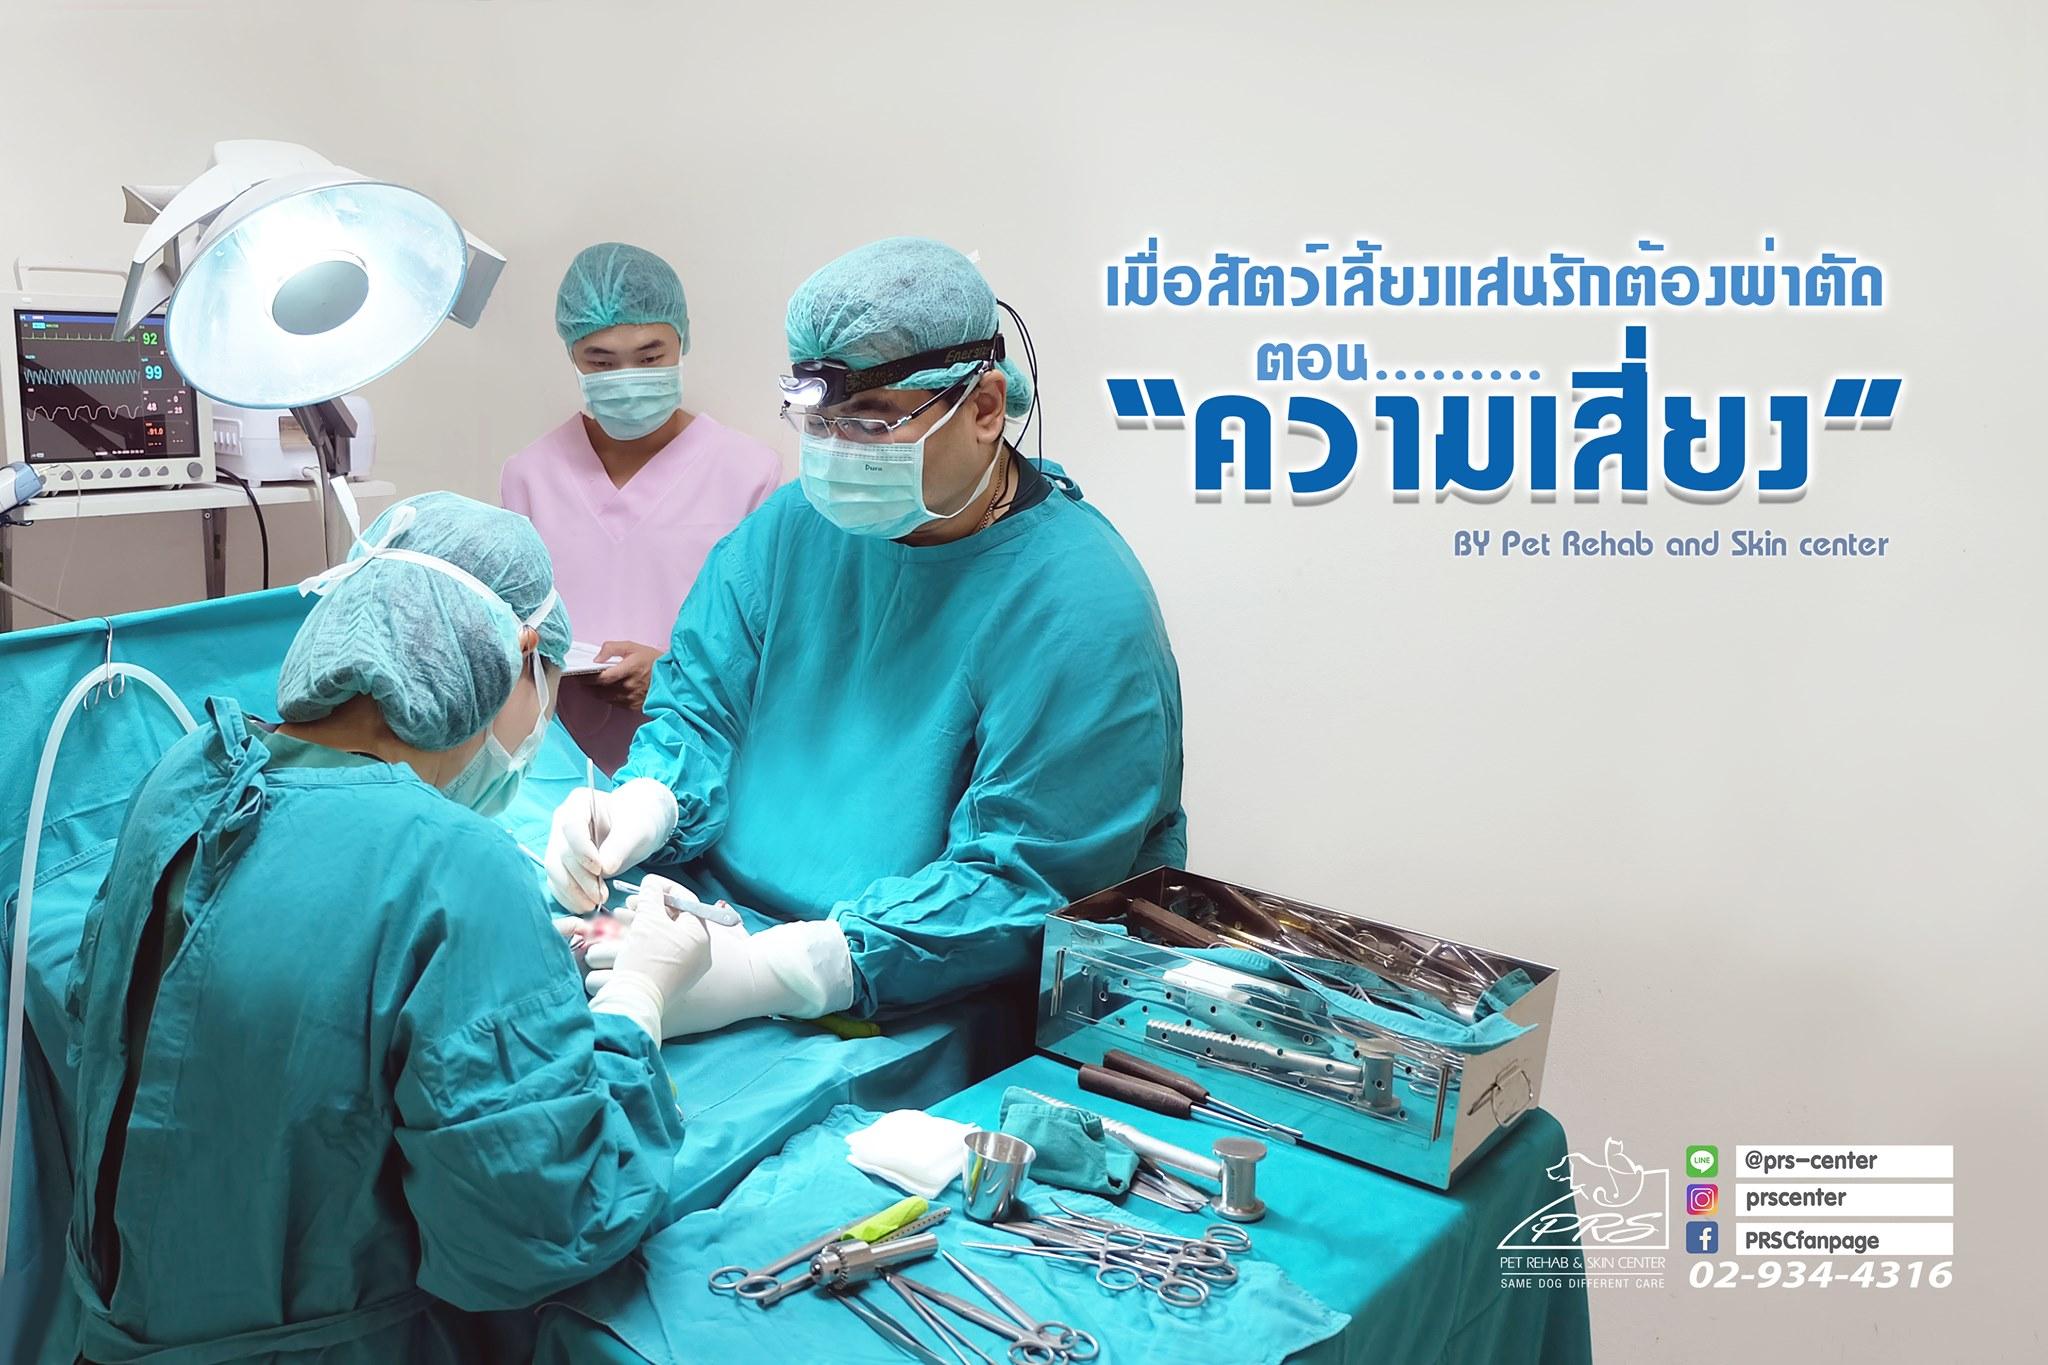 ความเสี่ยงในการผ่าตัด